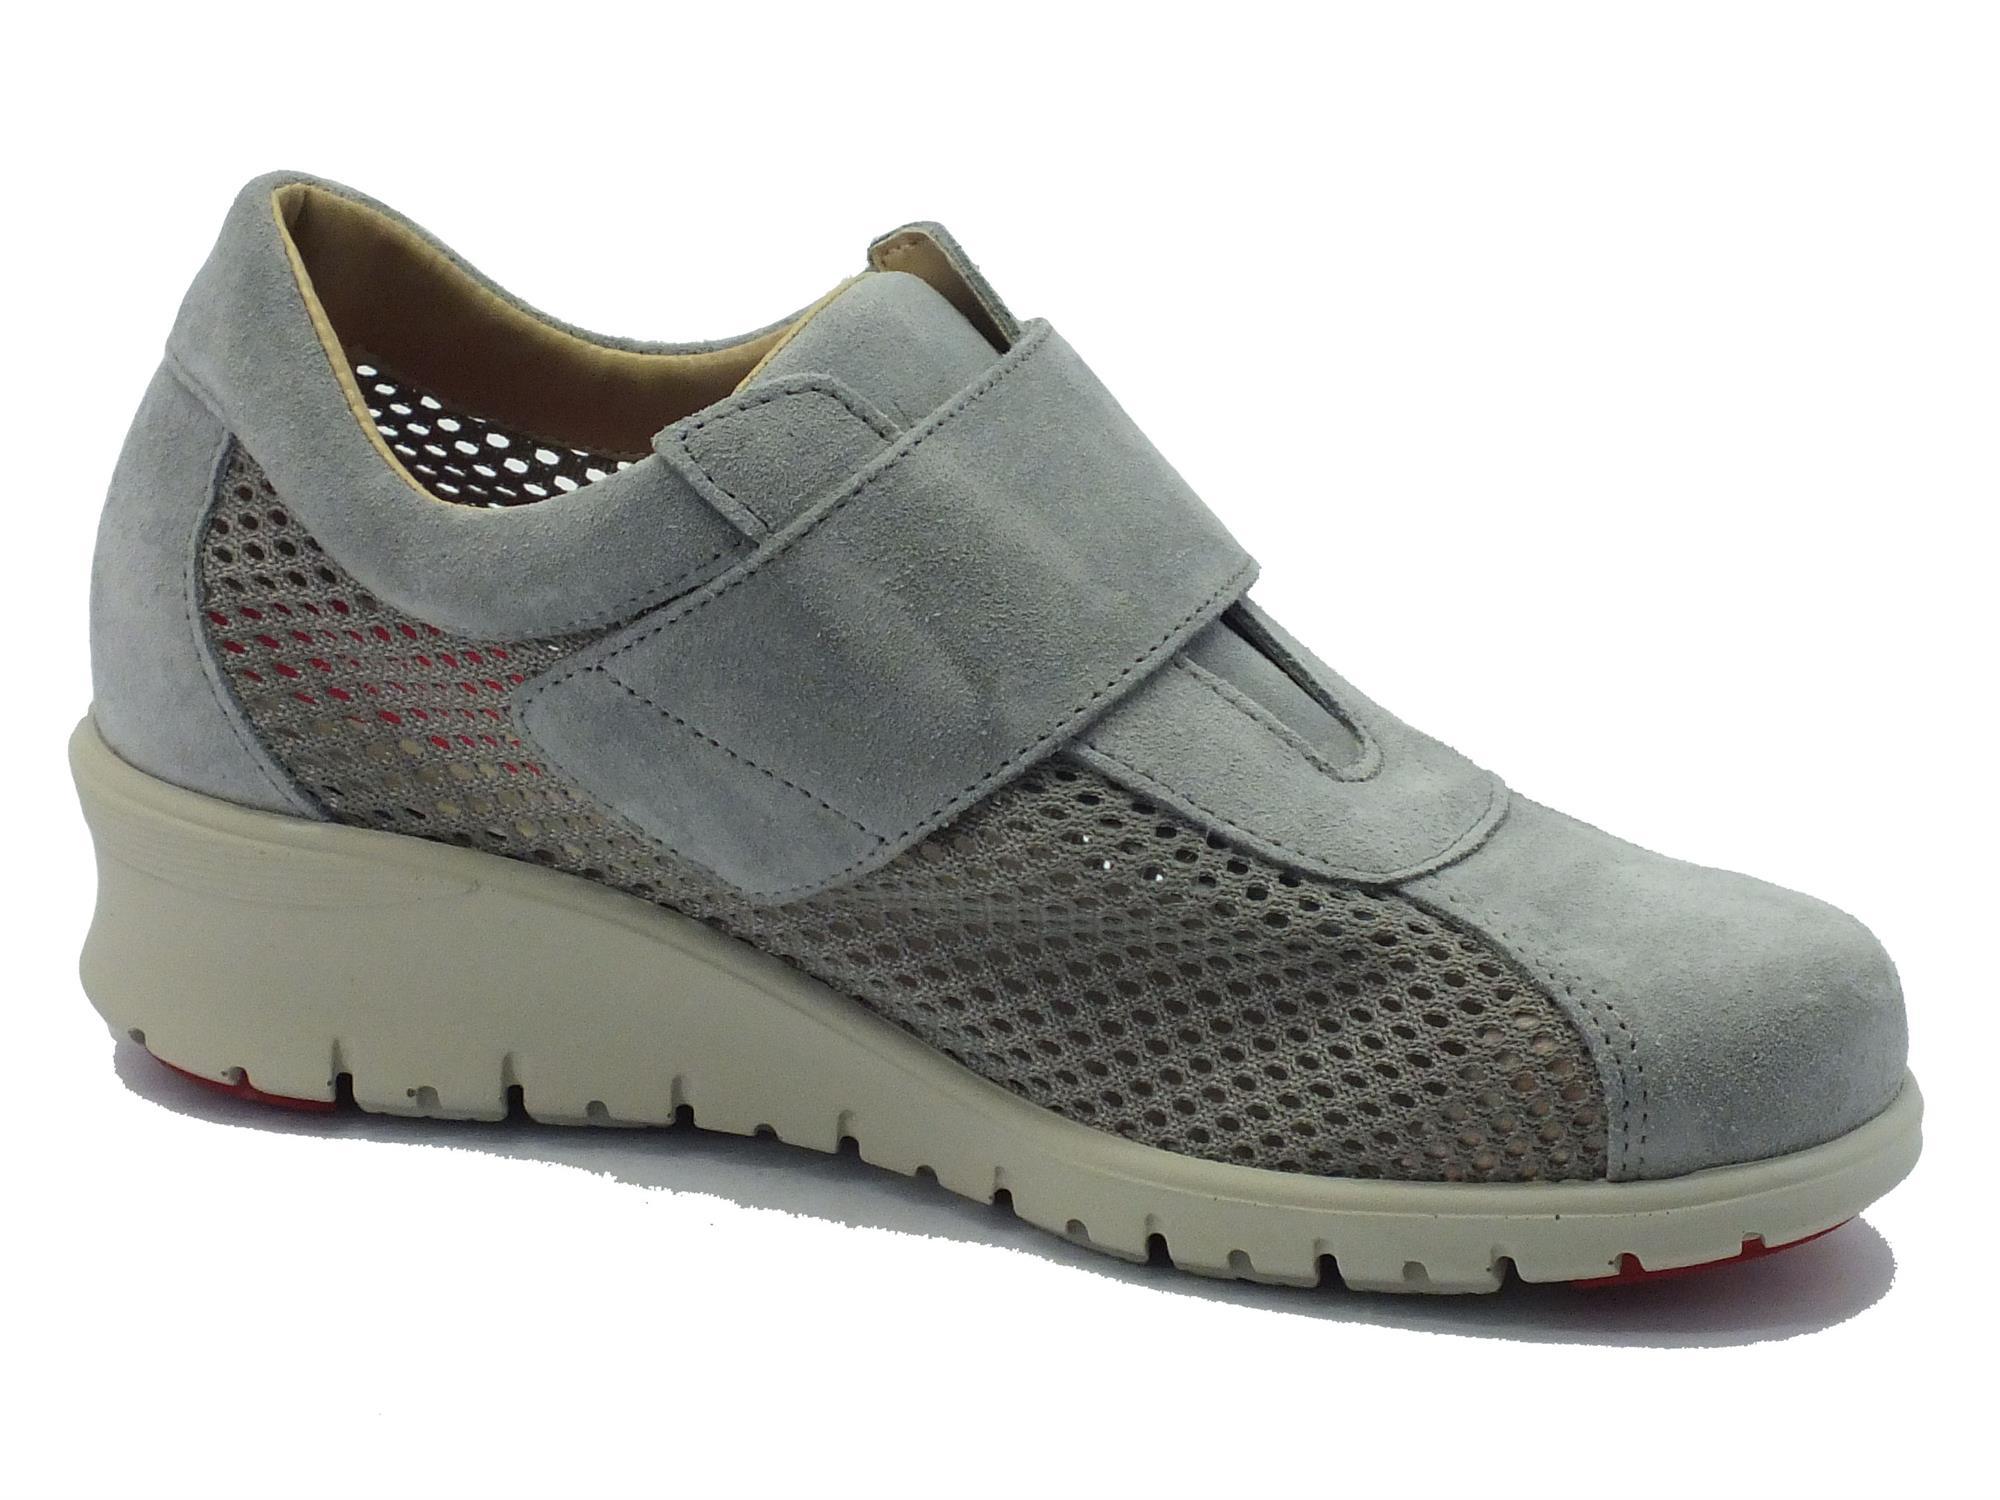 d98c5082e56a4 ... Sneakers Cinzia Soft per donna in nabuk grigio traforato con strappo ...